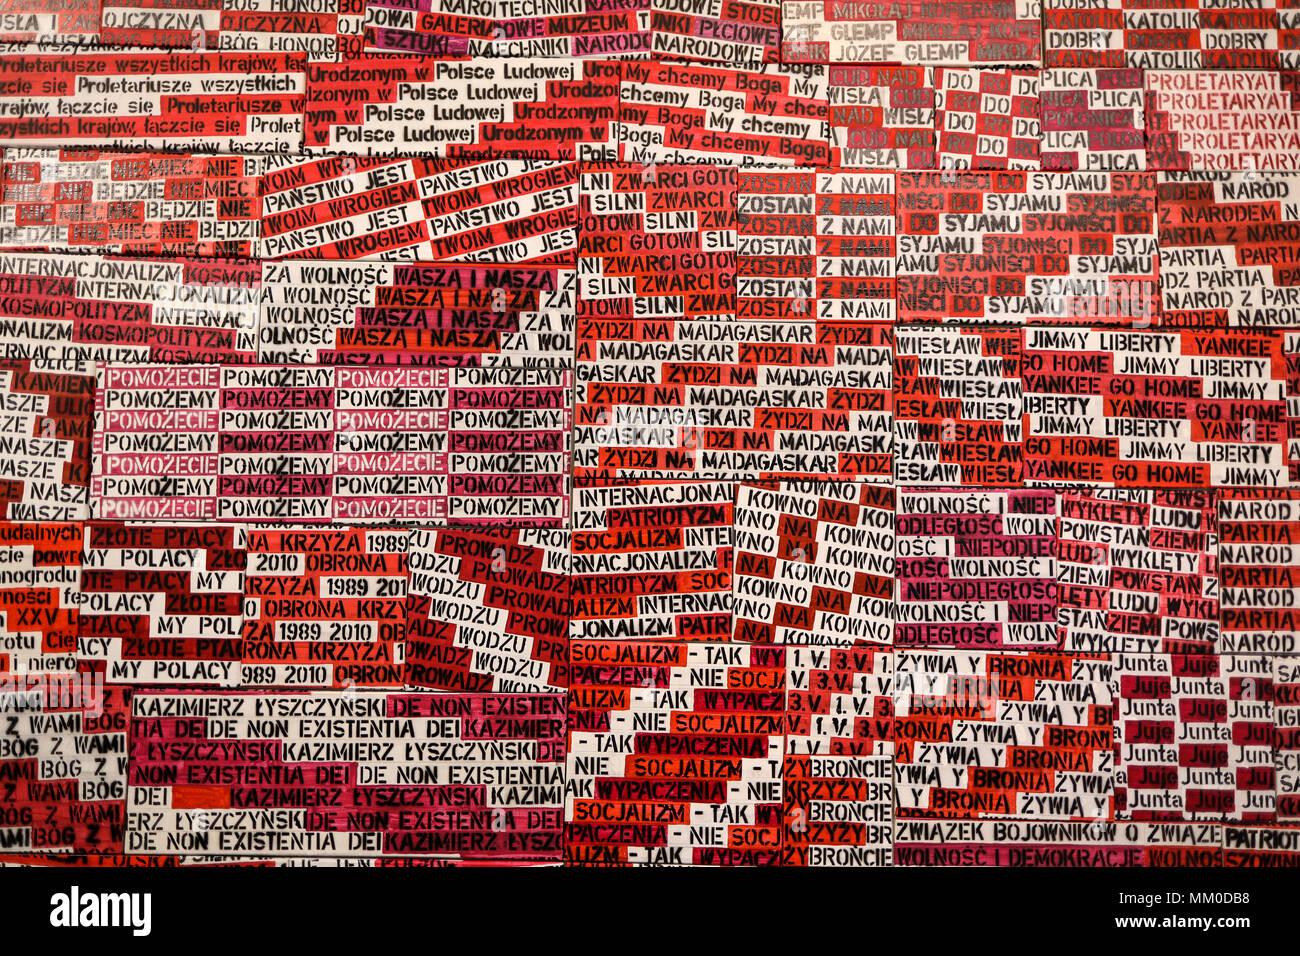 Words Collage Imágenes De Stock & Words Collage Fotos De Stock - Alamy